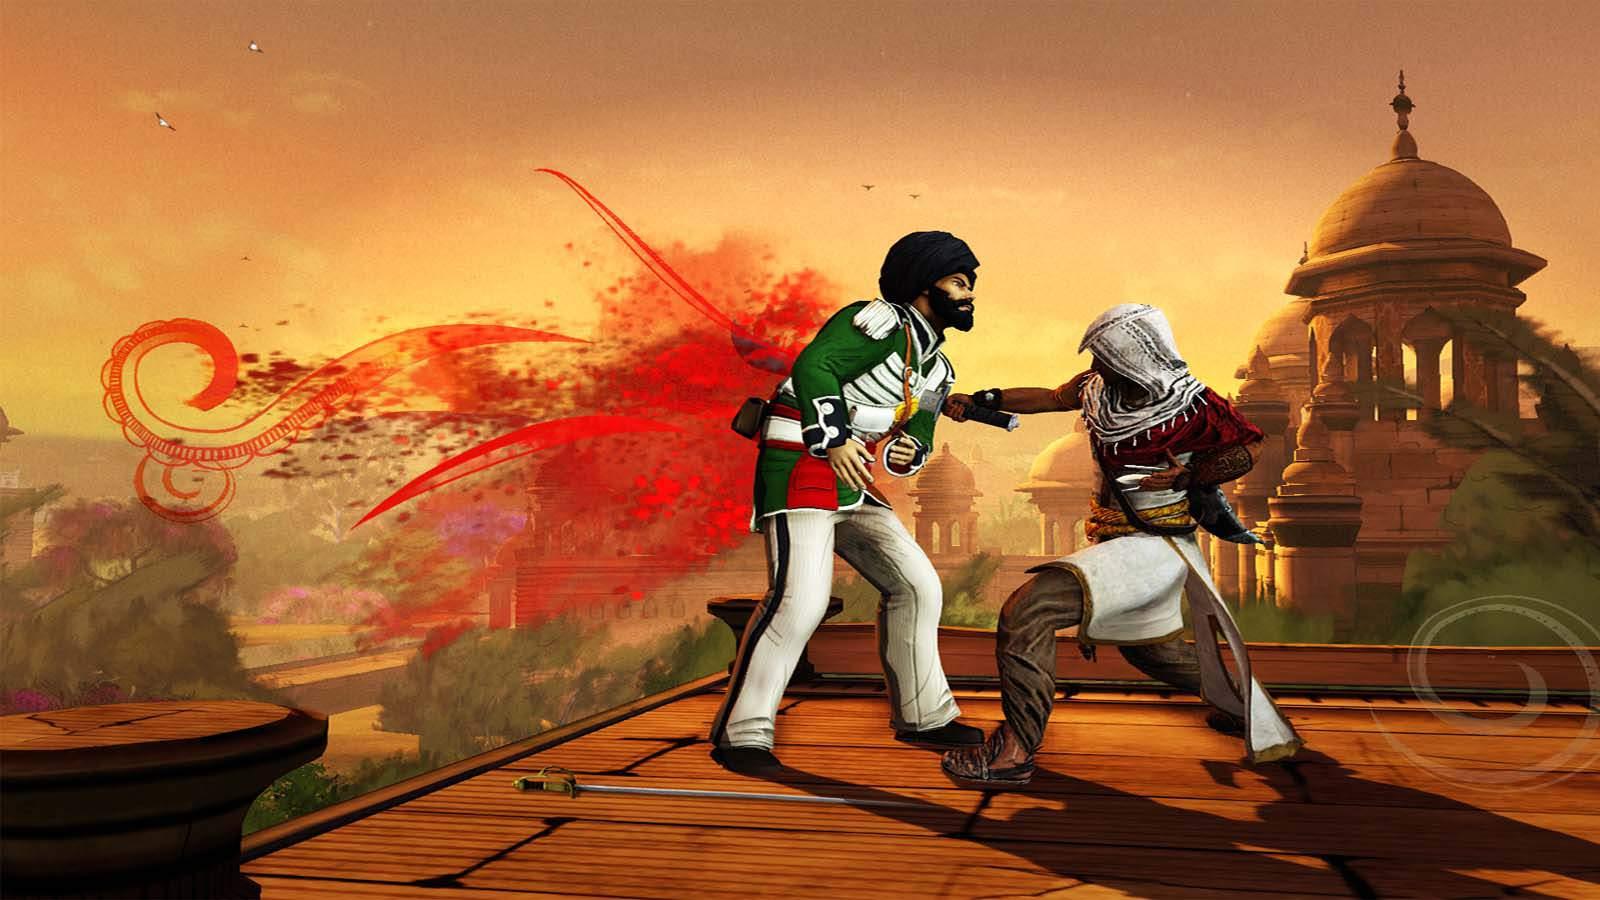 تحميل لعبة Assassin's Creed Chronicles India مضغوطة برابط واحد مباشر كاملة مجانا